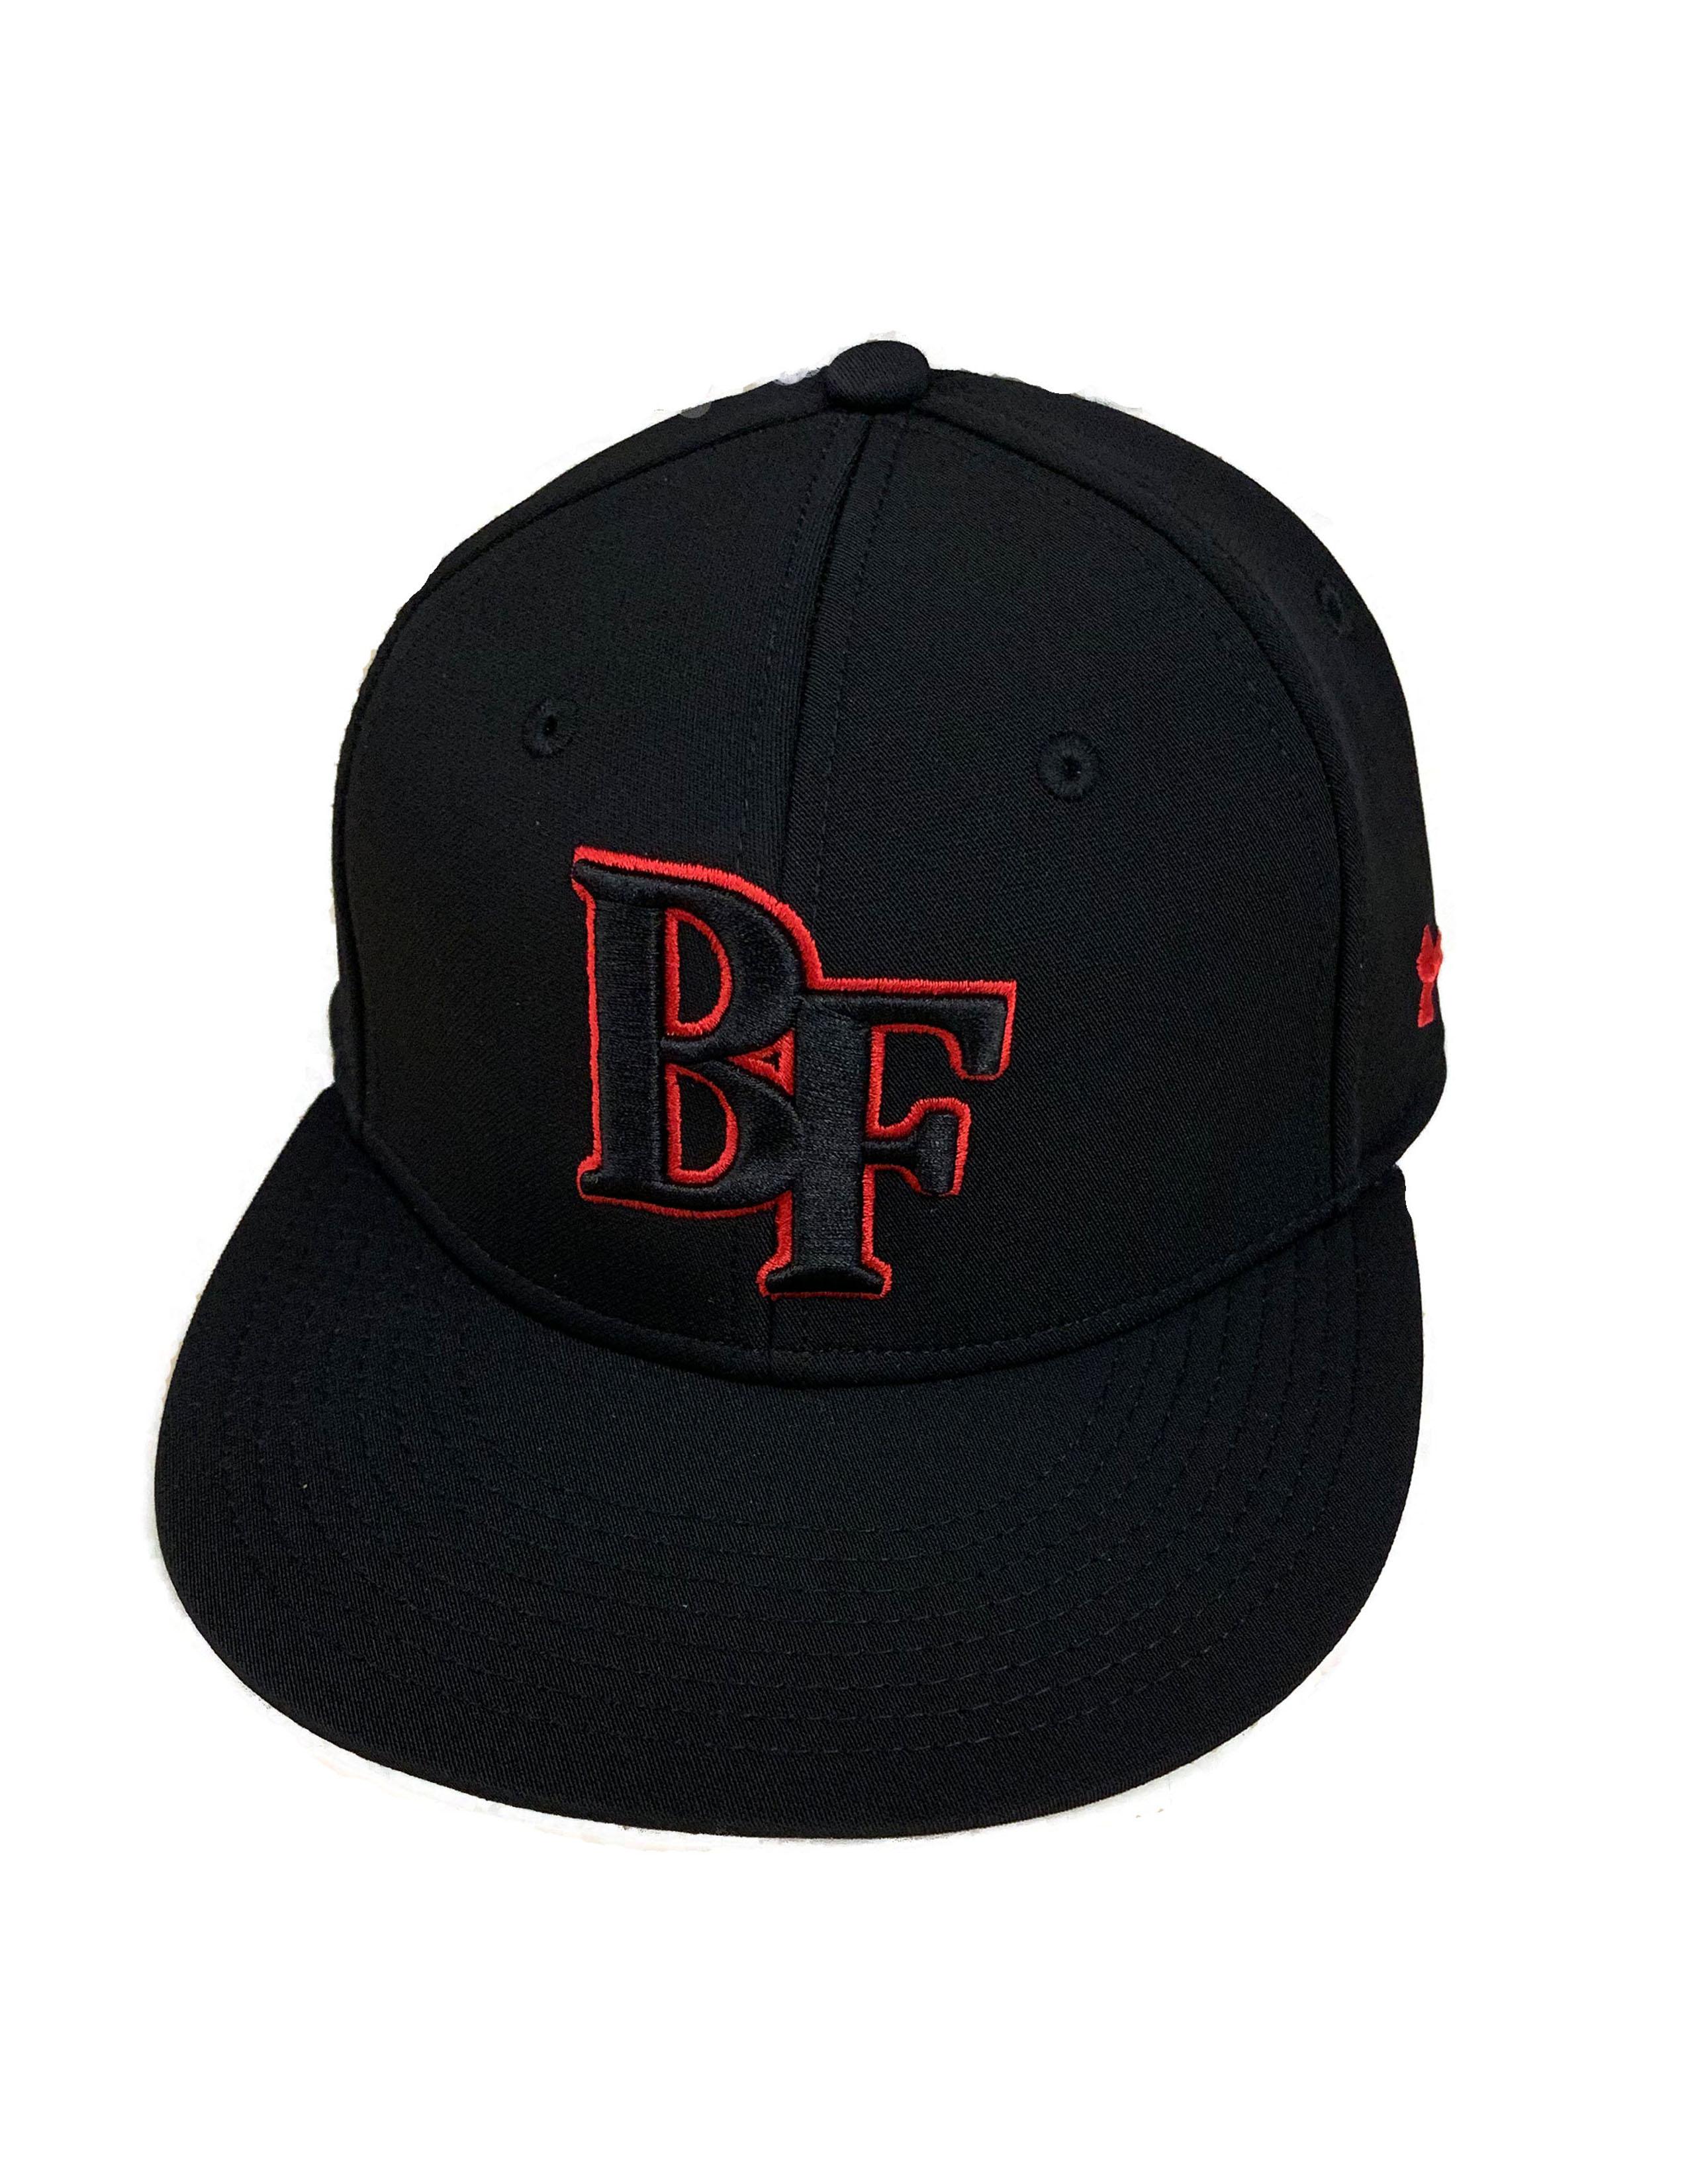 fce612ec Shop Baseball Factory | Under Armour, Wilson, Jaeger